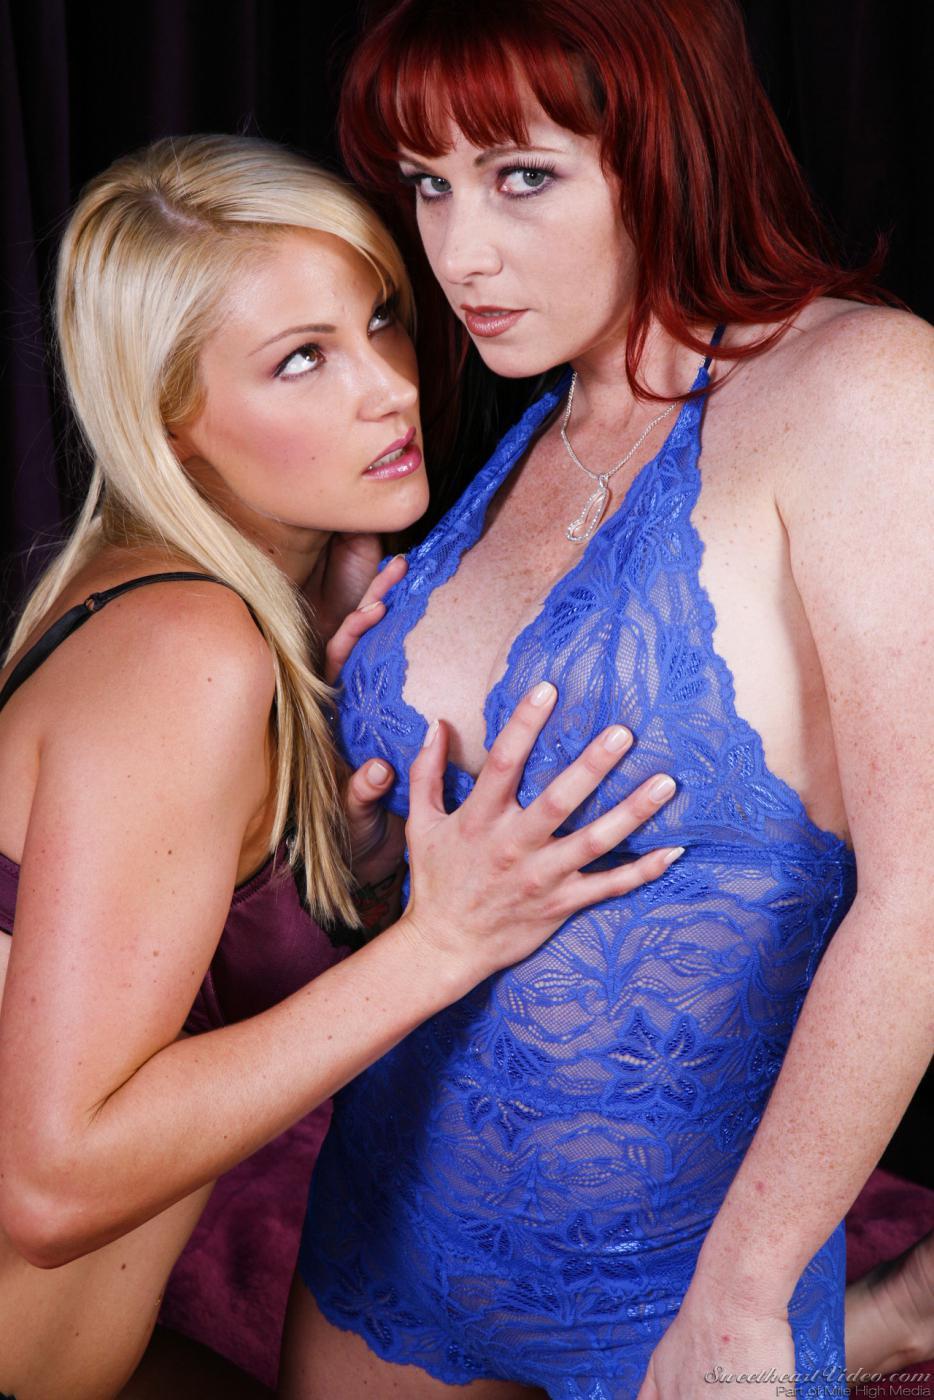 Похотливые мамы в белье Samantha Ryan и Kylie Ireland позируют и выставила напоказ грудь